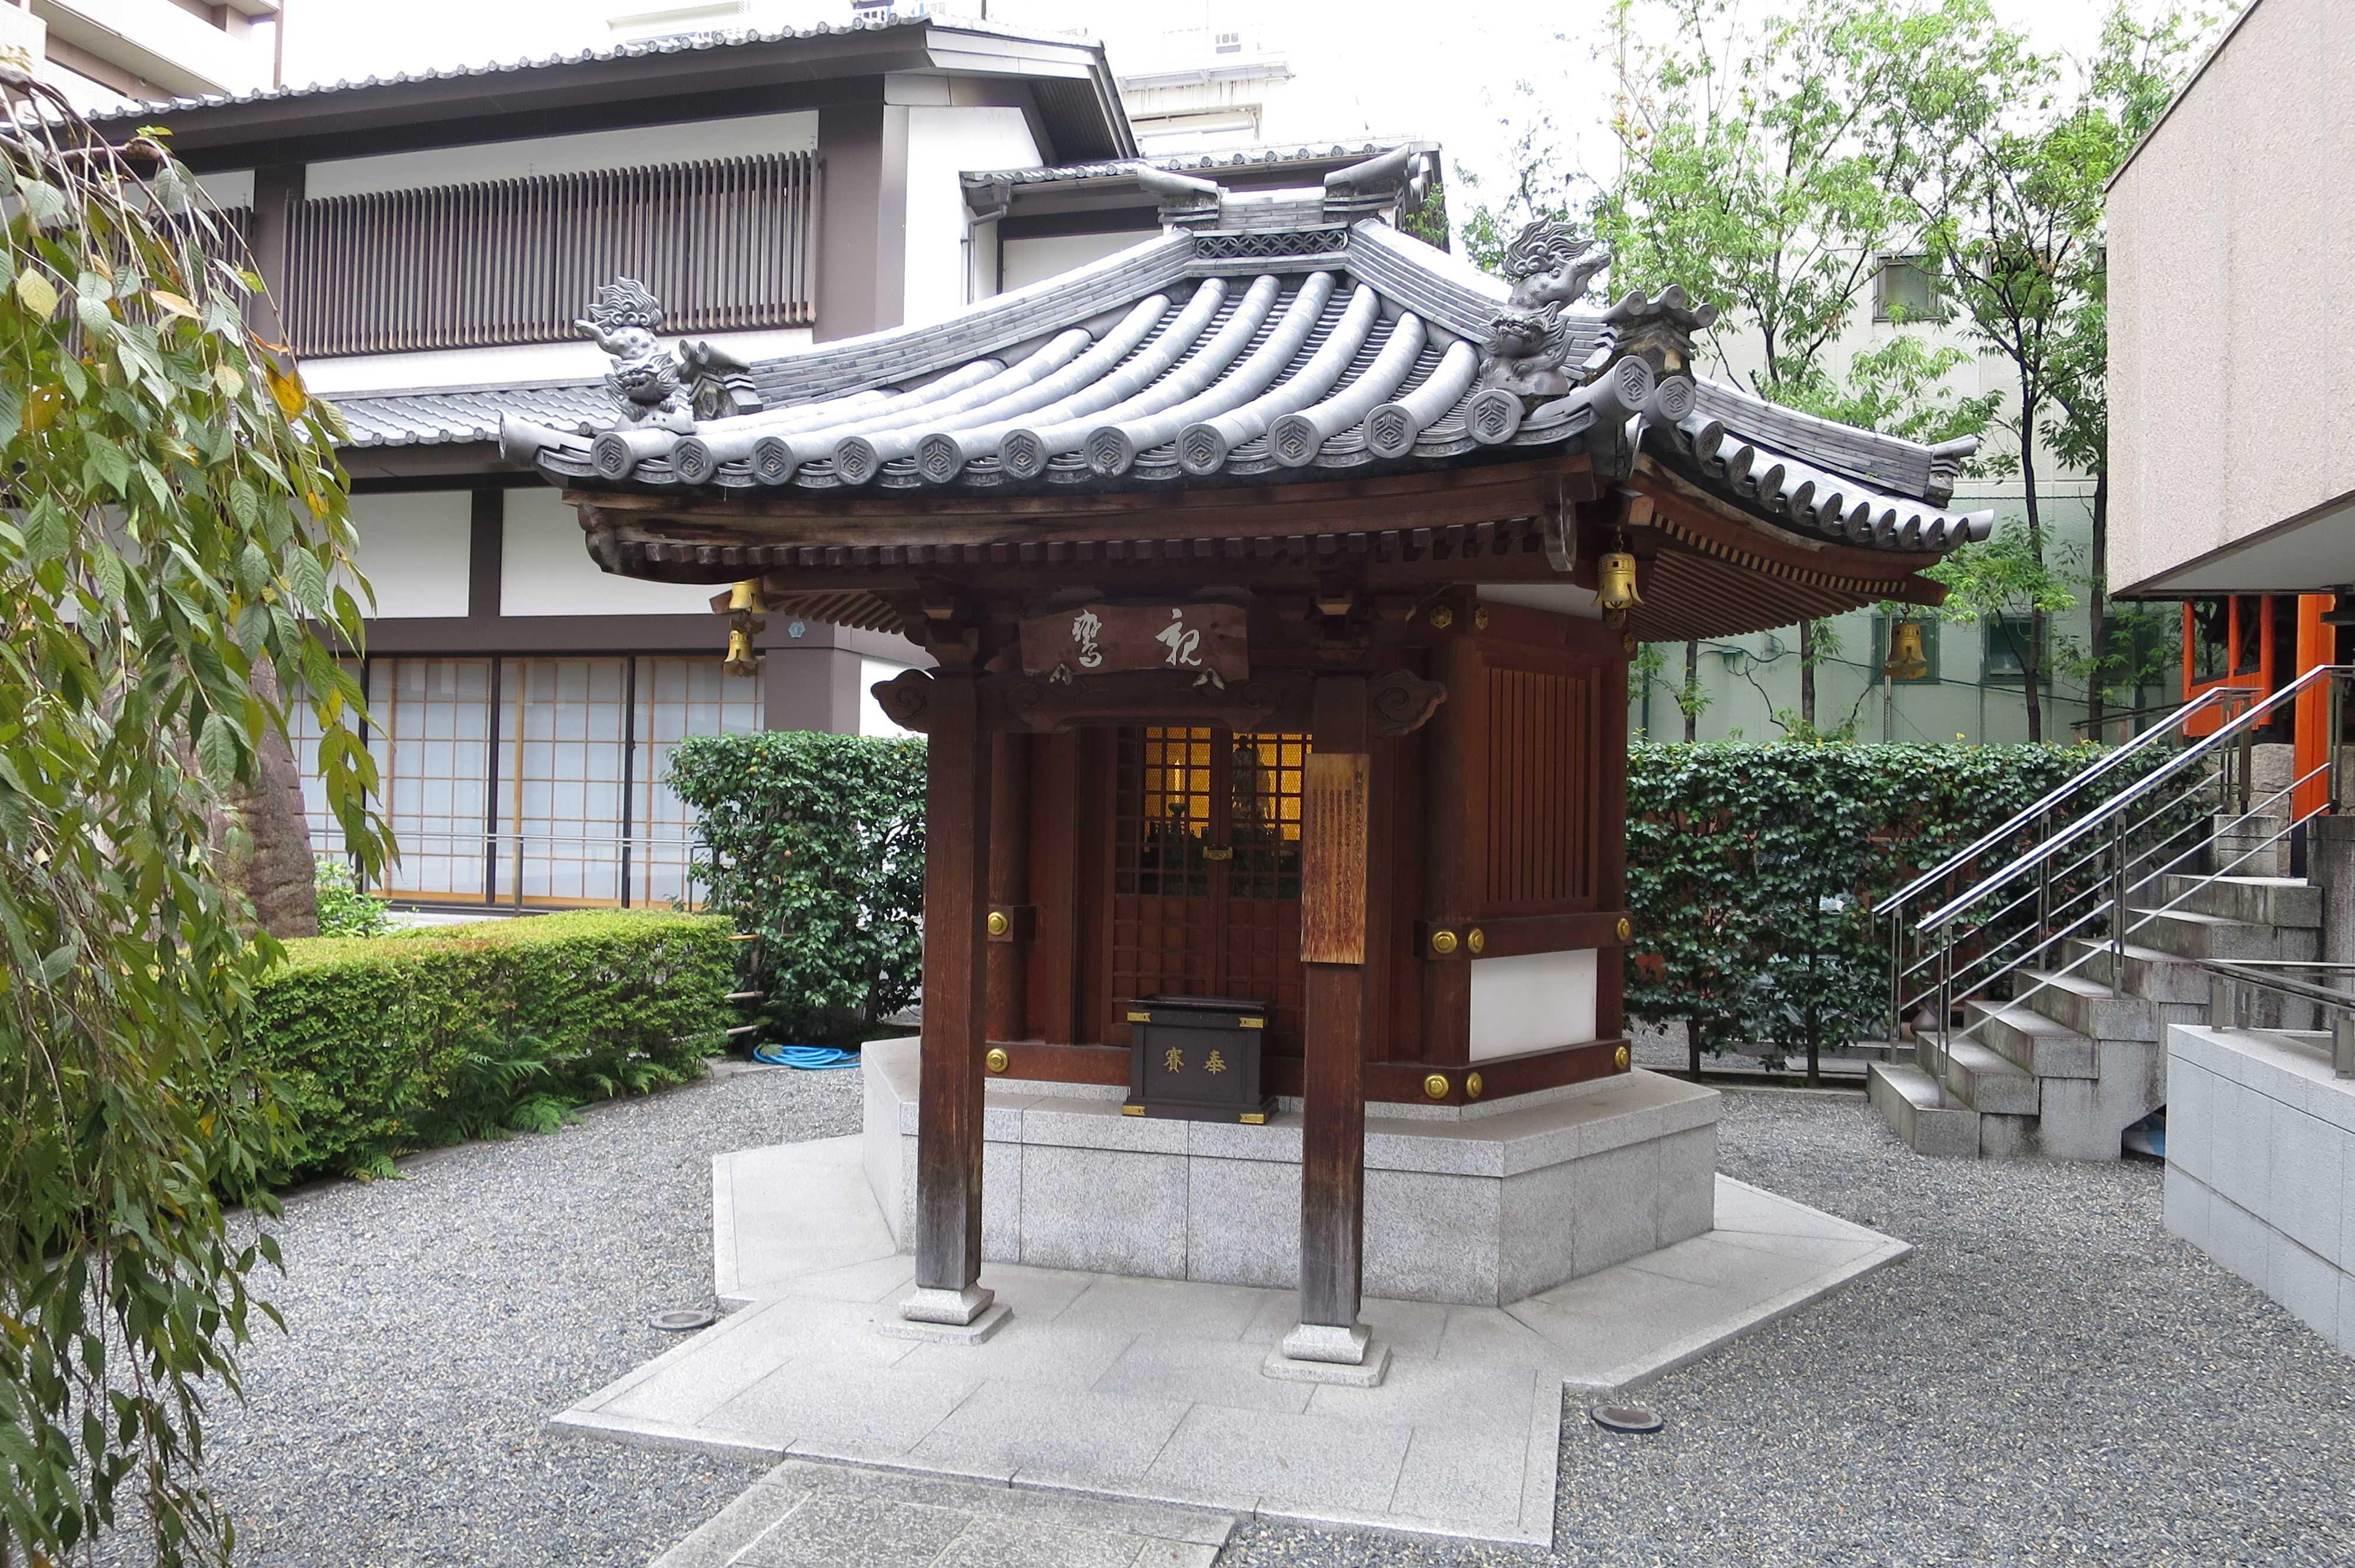 京都・六角堂 - 親鸞堂